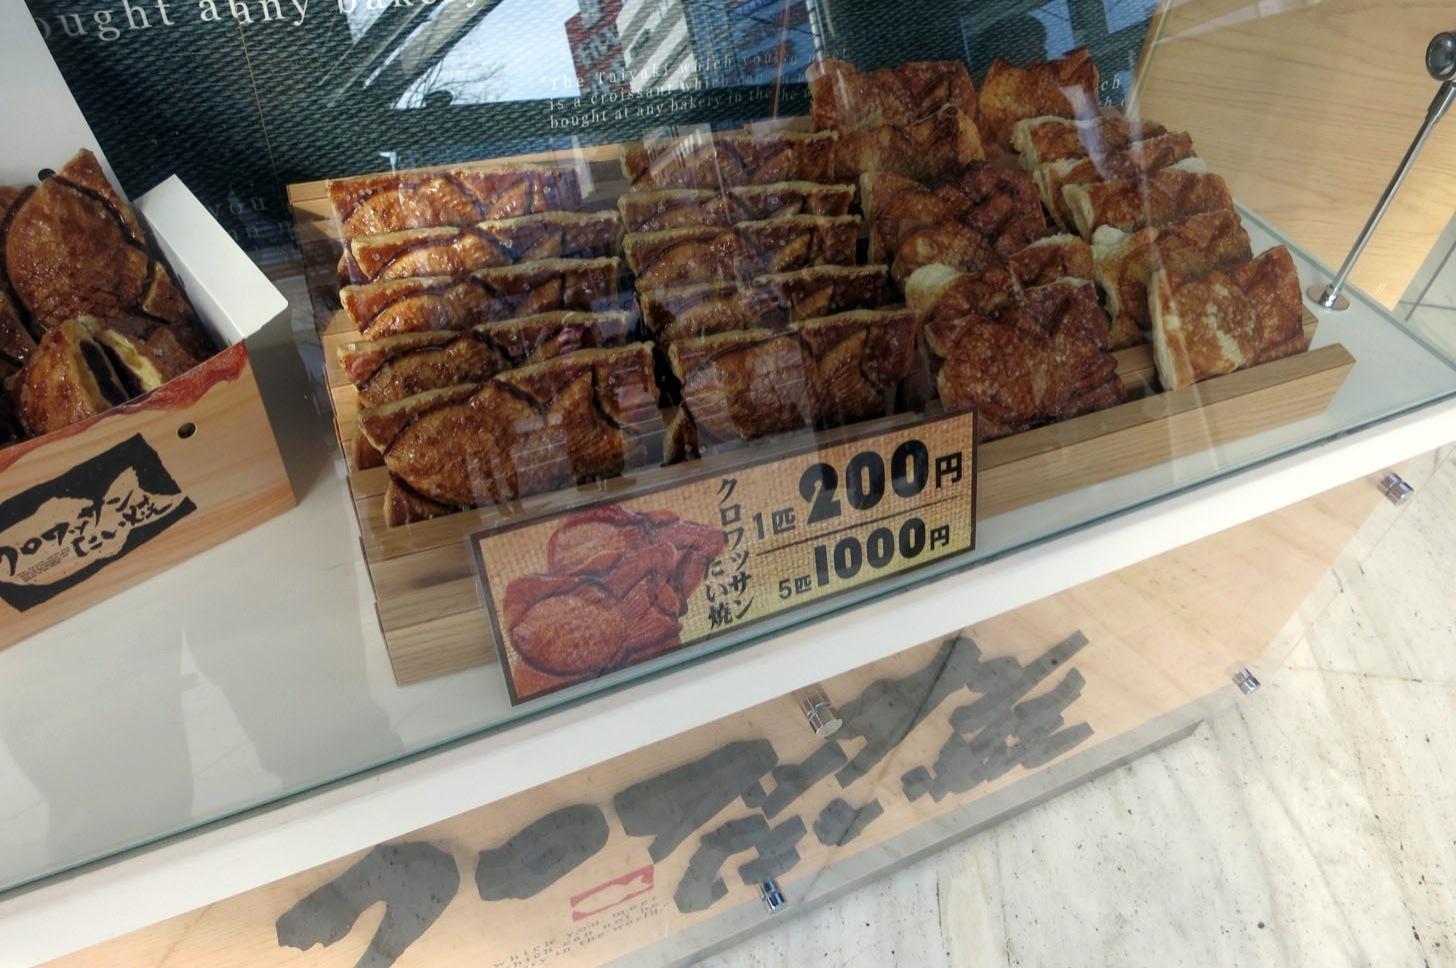 クロワッサンたい焼きの価格